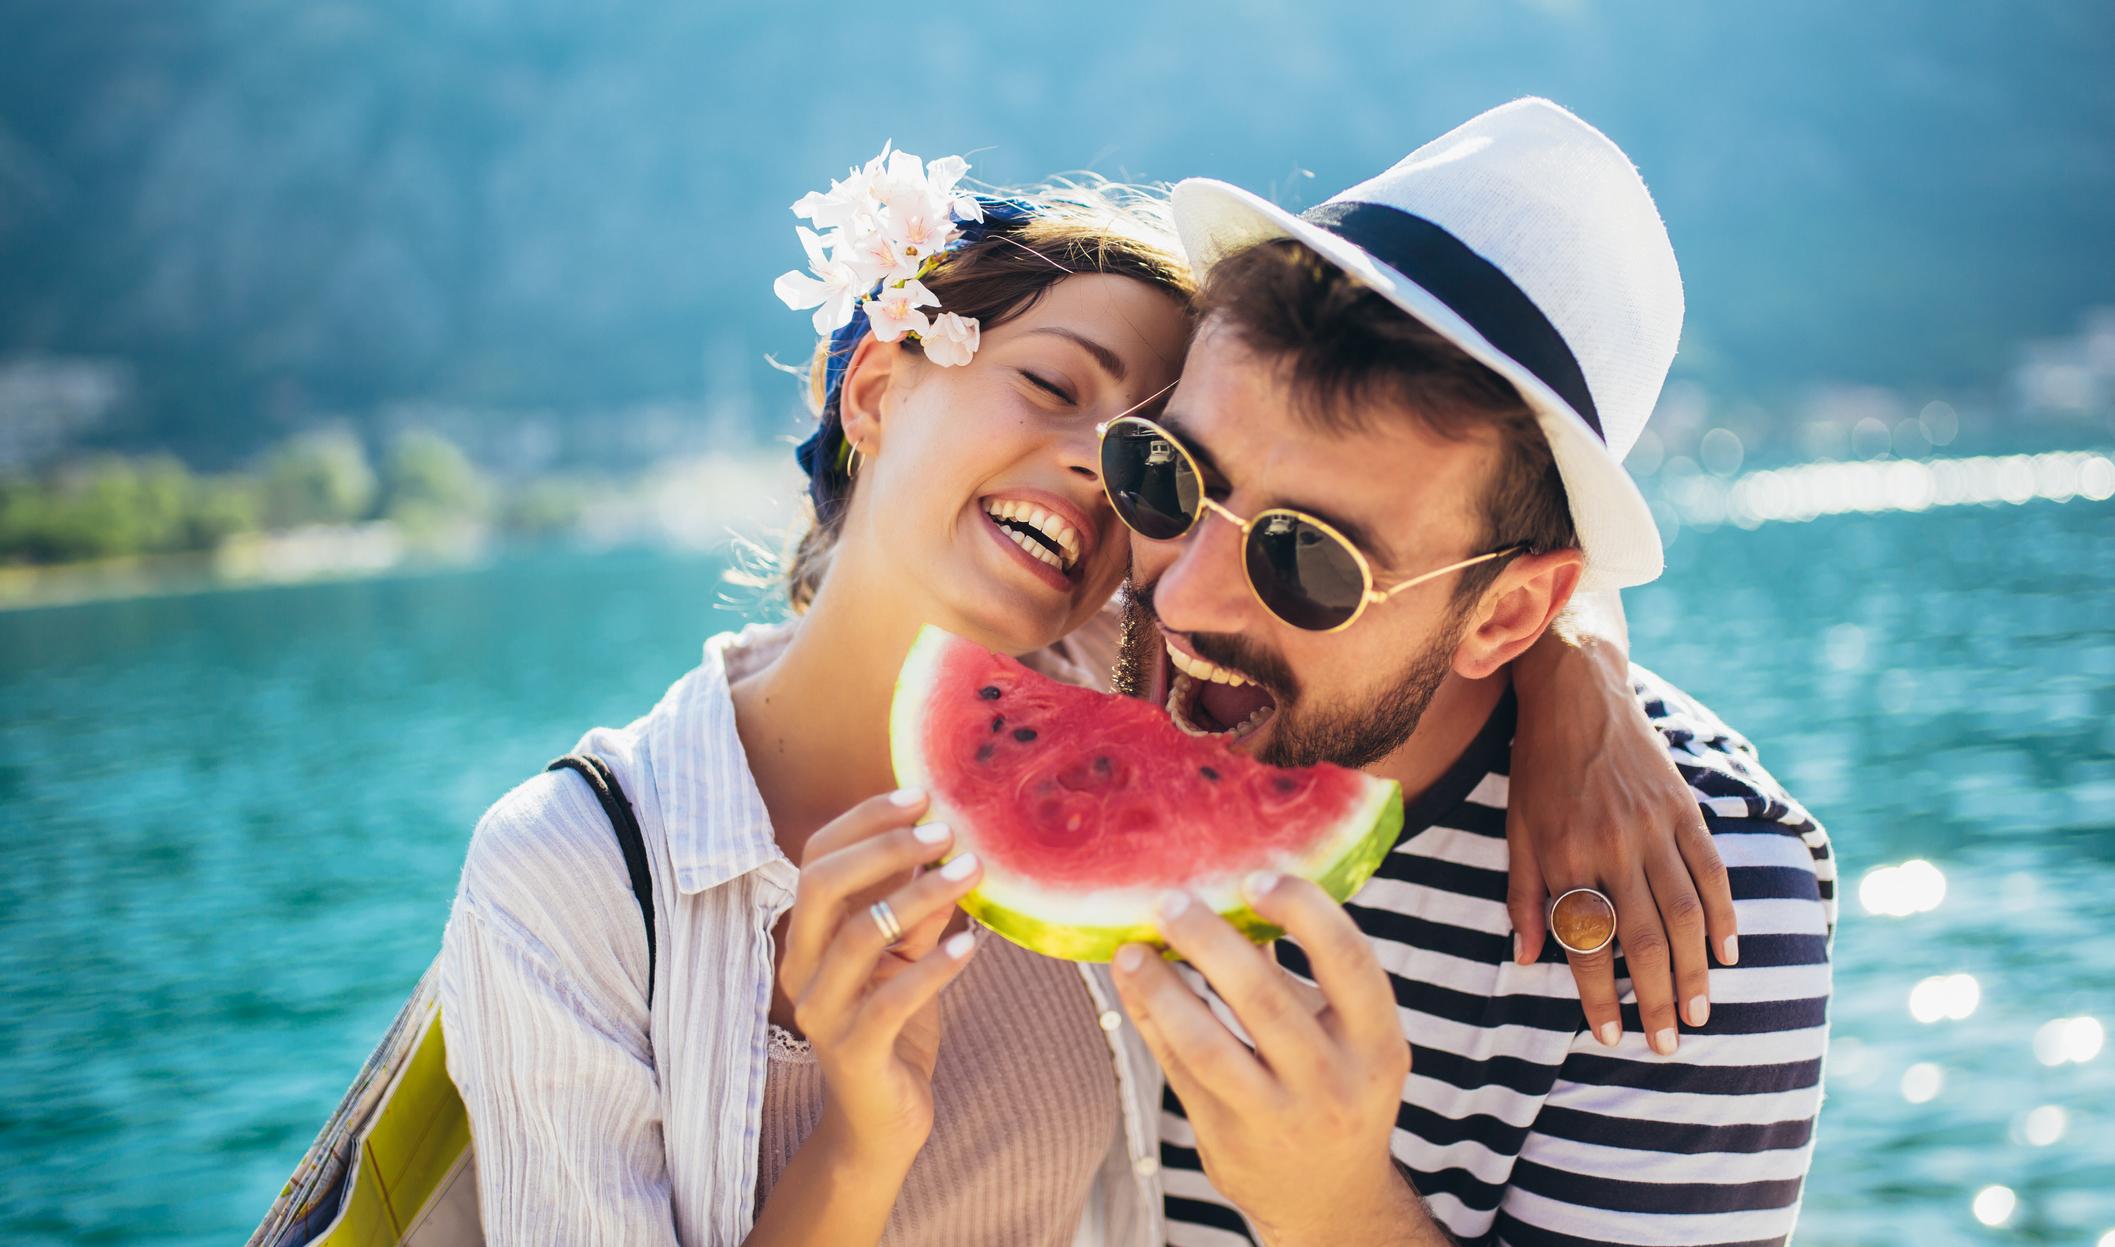 Wassermelone als Schlank- und Potenzmittel